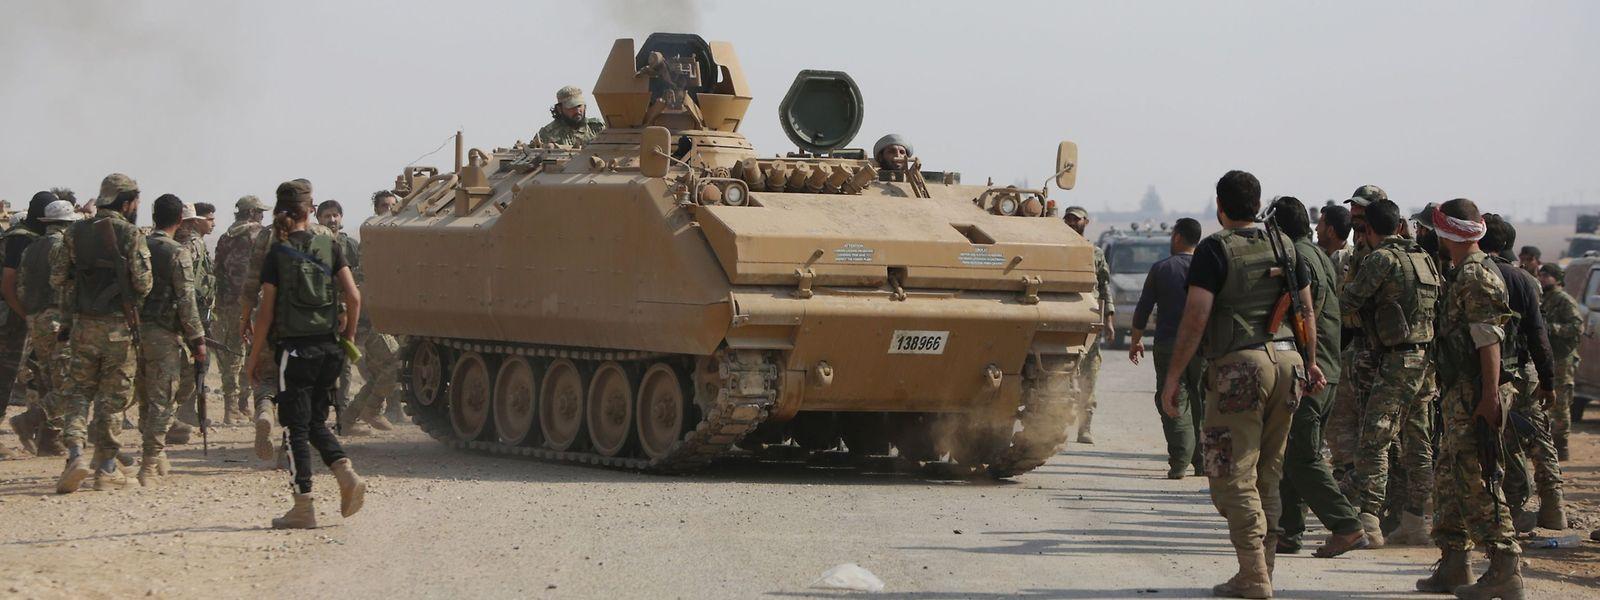 Mit der Türkei verbündete syrische Soldaten in Tall Abyad an der türkisch-syrischen Grenze.